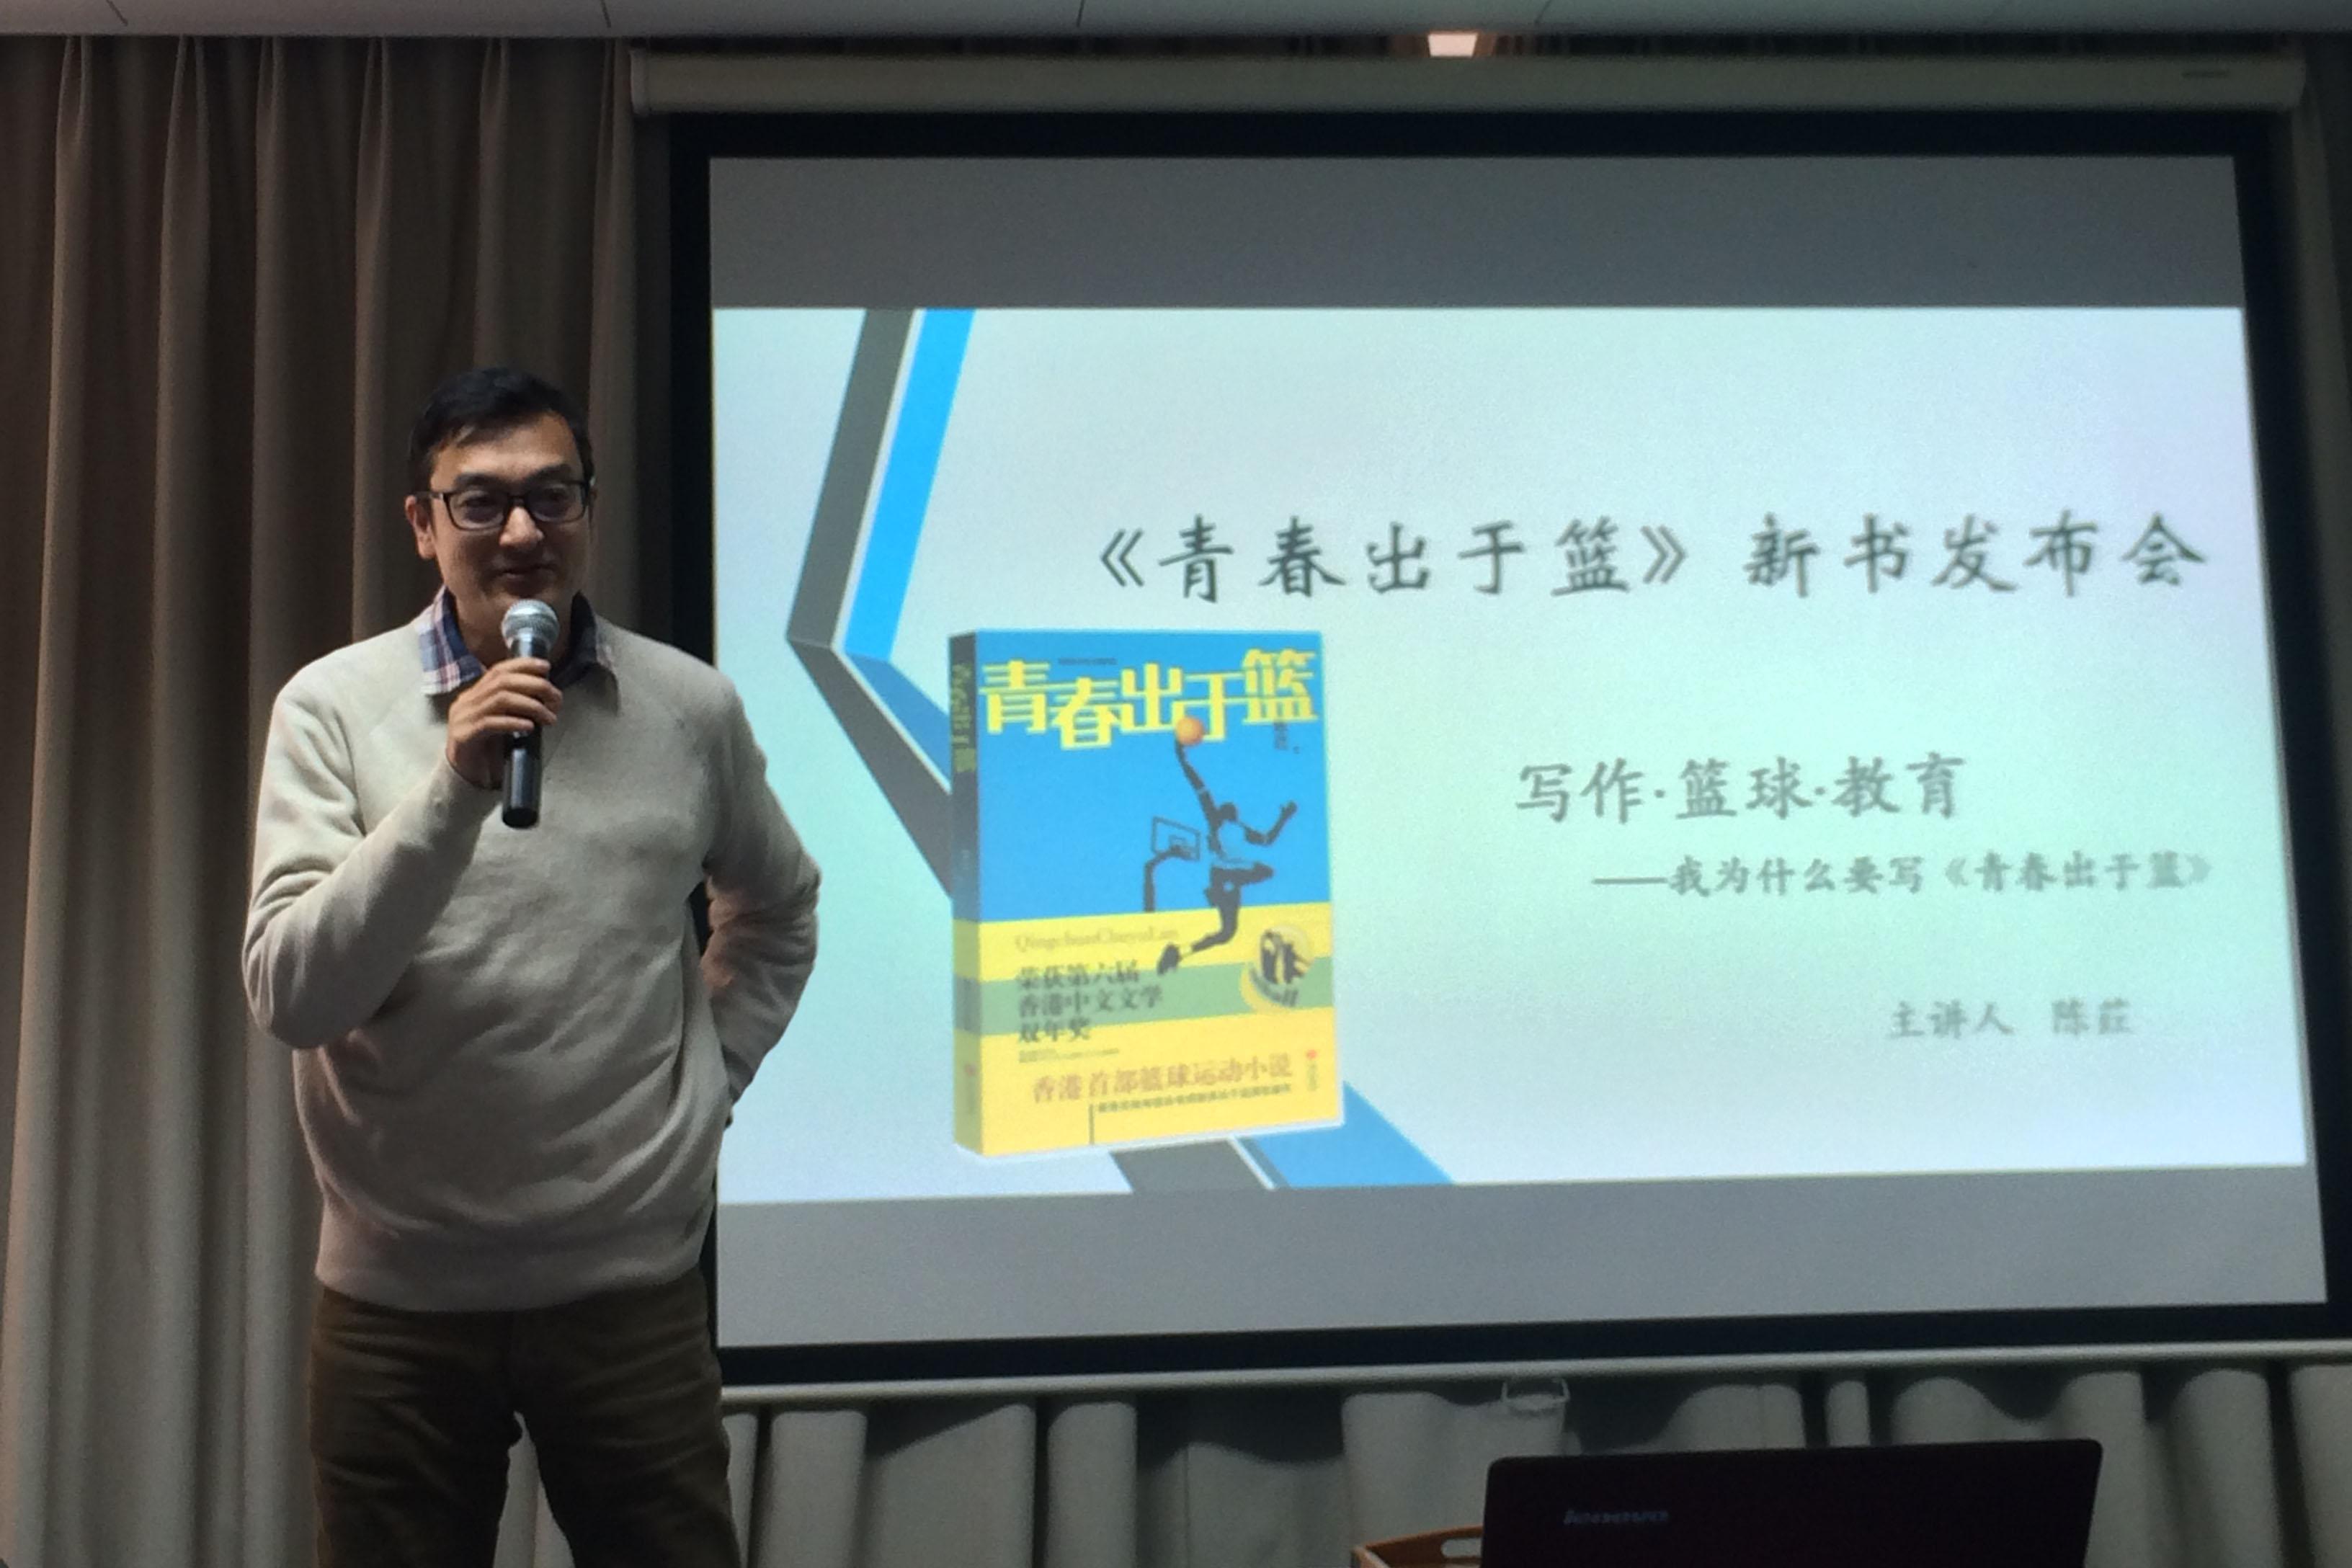 运动与写作的相遇——香港首部青春篮球运动小说《青春出于篮》新书发布